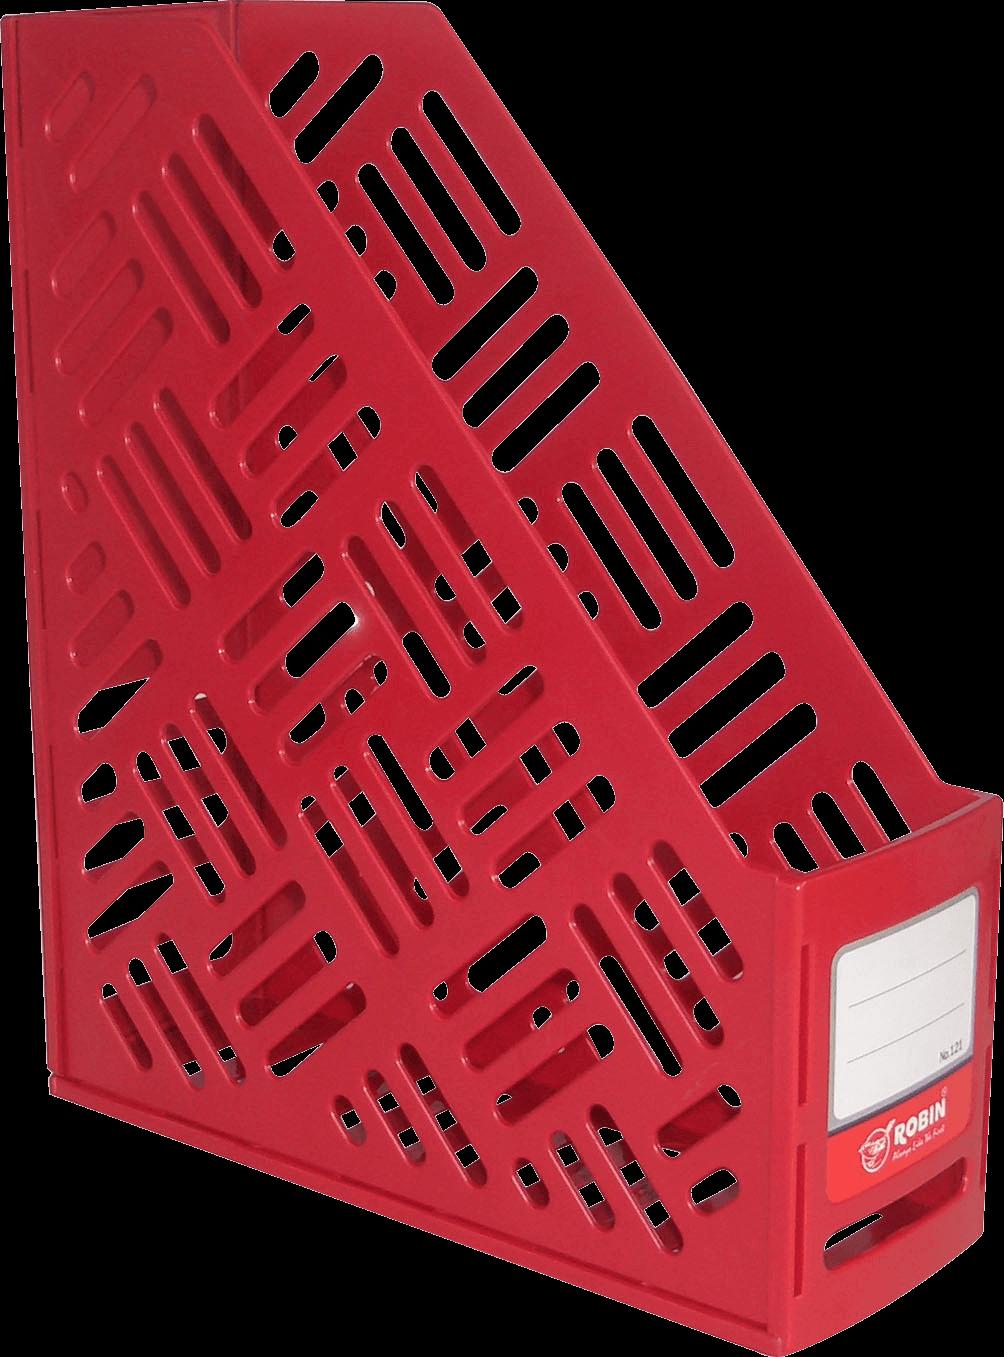 กล่องใส่เอกสารพลาสติก 1 ช่อง Robin 121 สีแดง